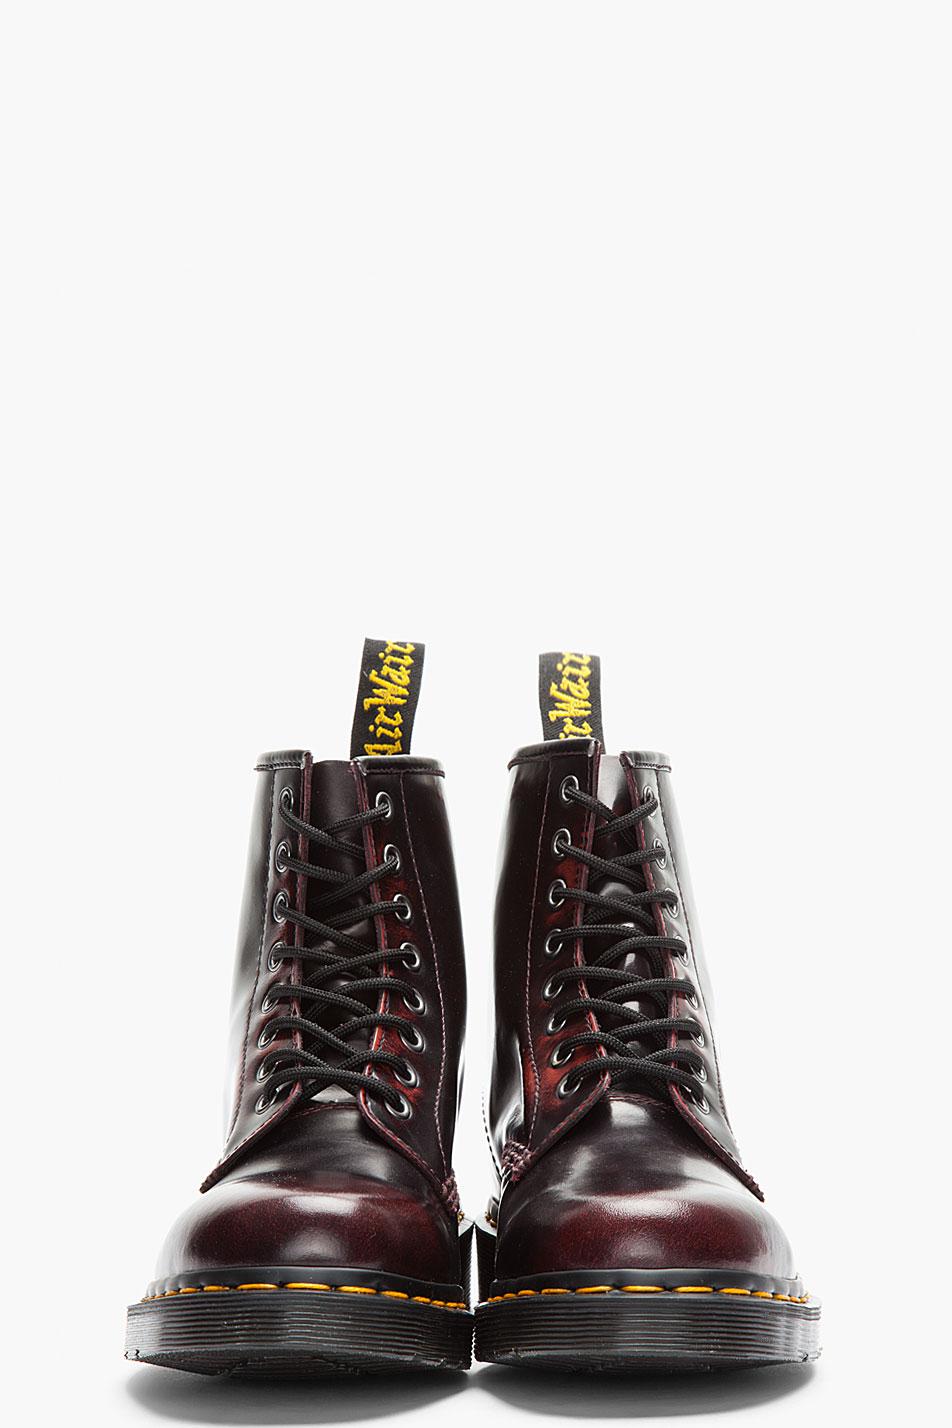 niesamowita cena Wielka wyprzedaż Najlepiej Burgundy Brushed Leather 8eye Boots